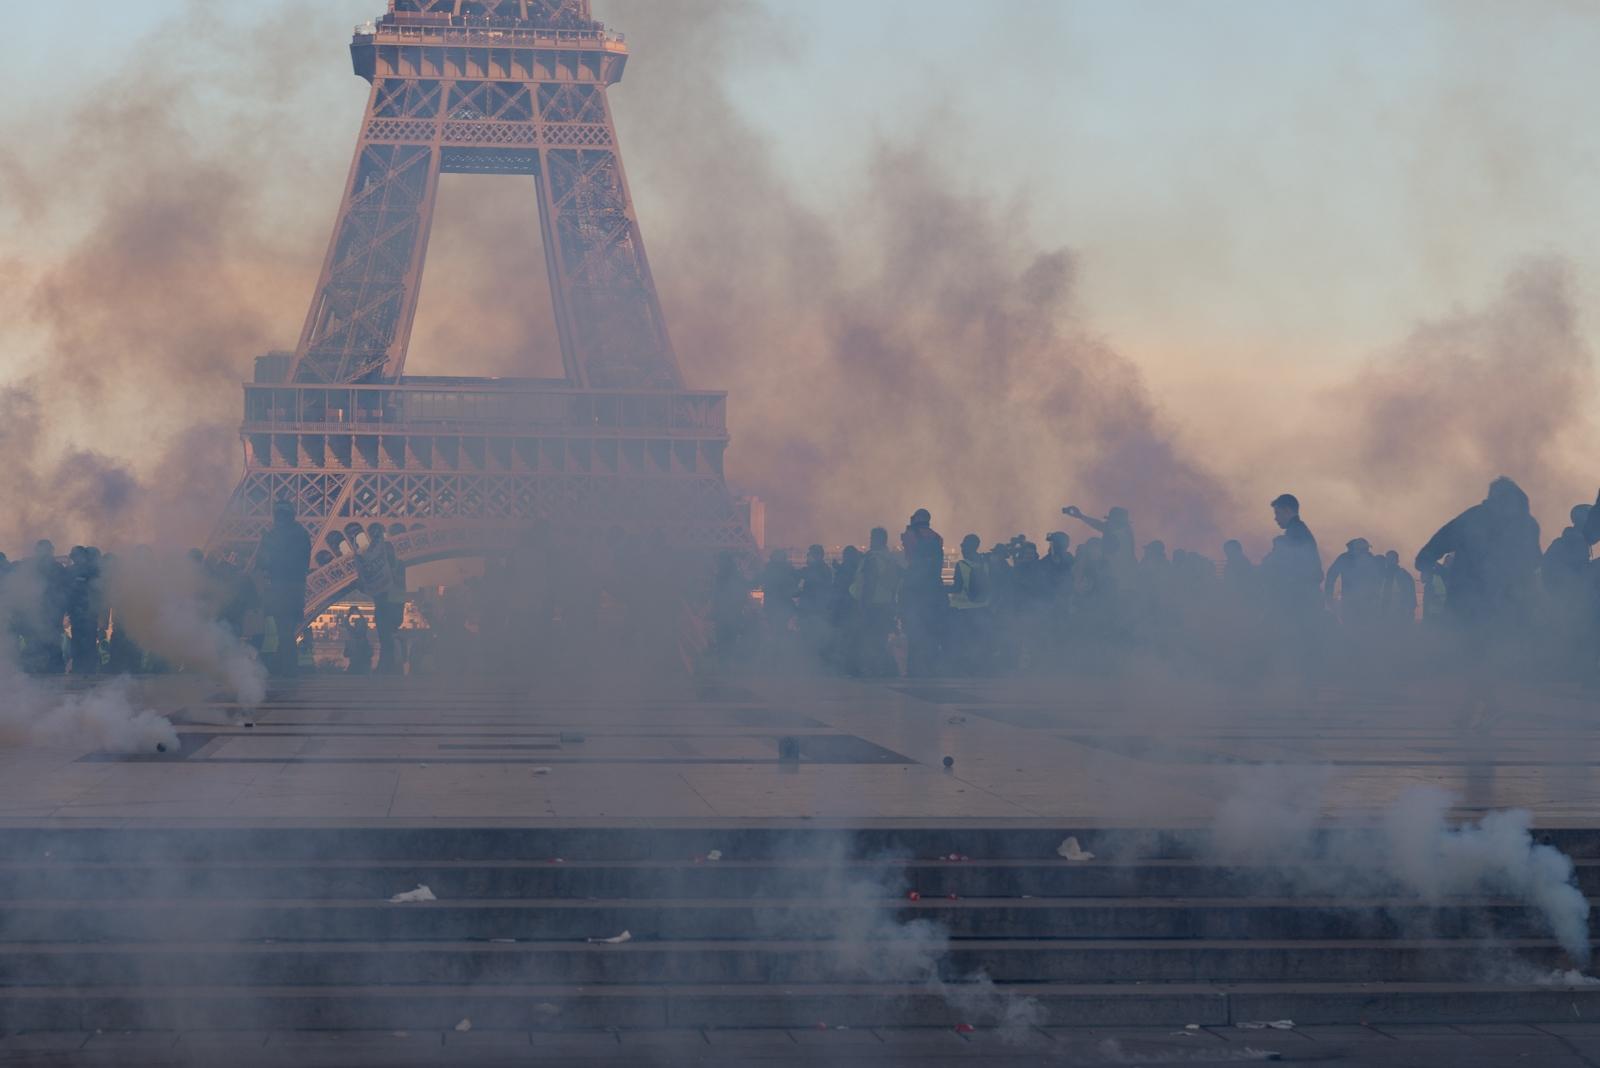 Les forces de l'ordre ont utilisé massivement les grenades à gaz lacrymogène. Certains samedi plus de 10 000 grenades ont été tirées par les policiers et les gendarmes. Paris - Acte XV - Place du Trocadéro le 23 février 2019